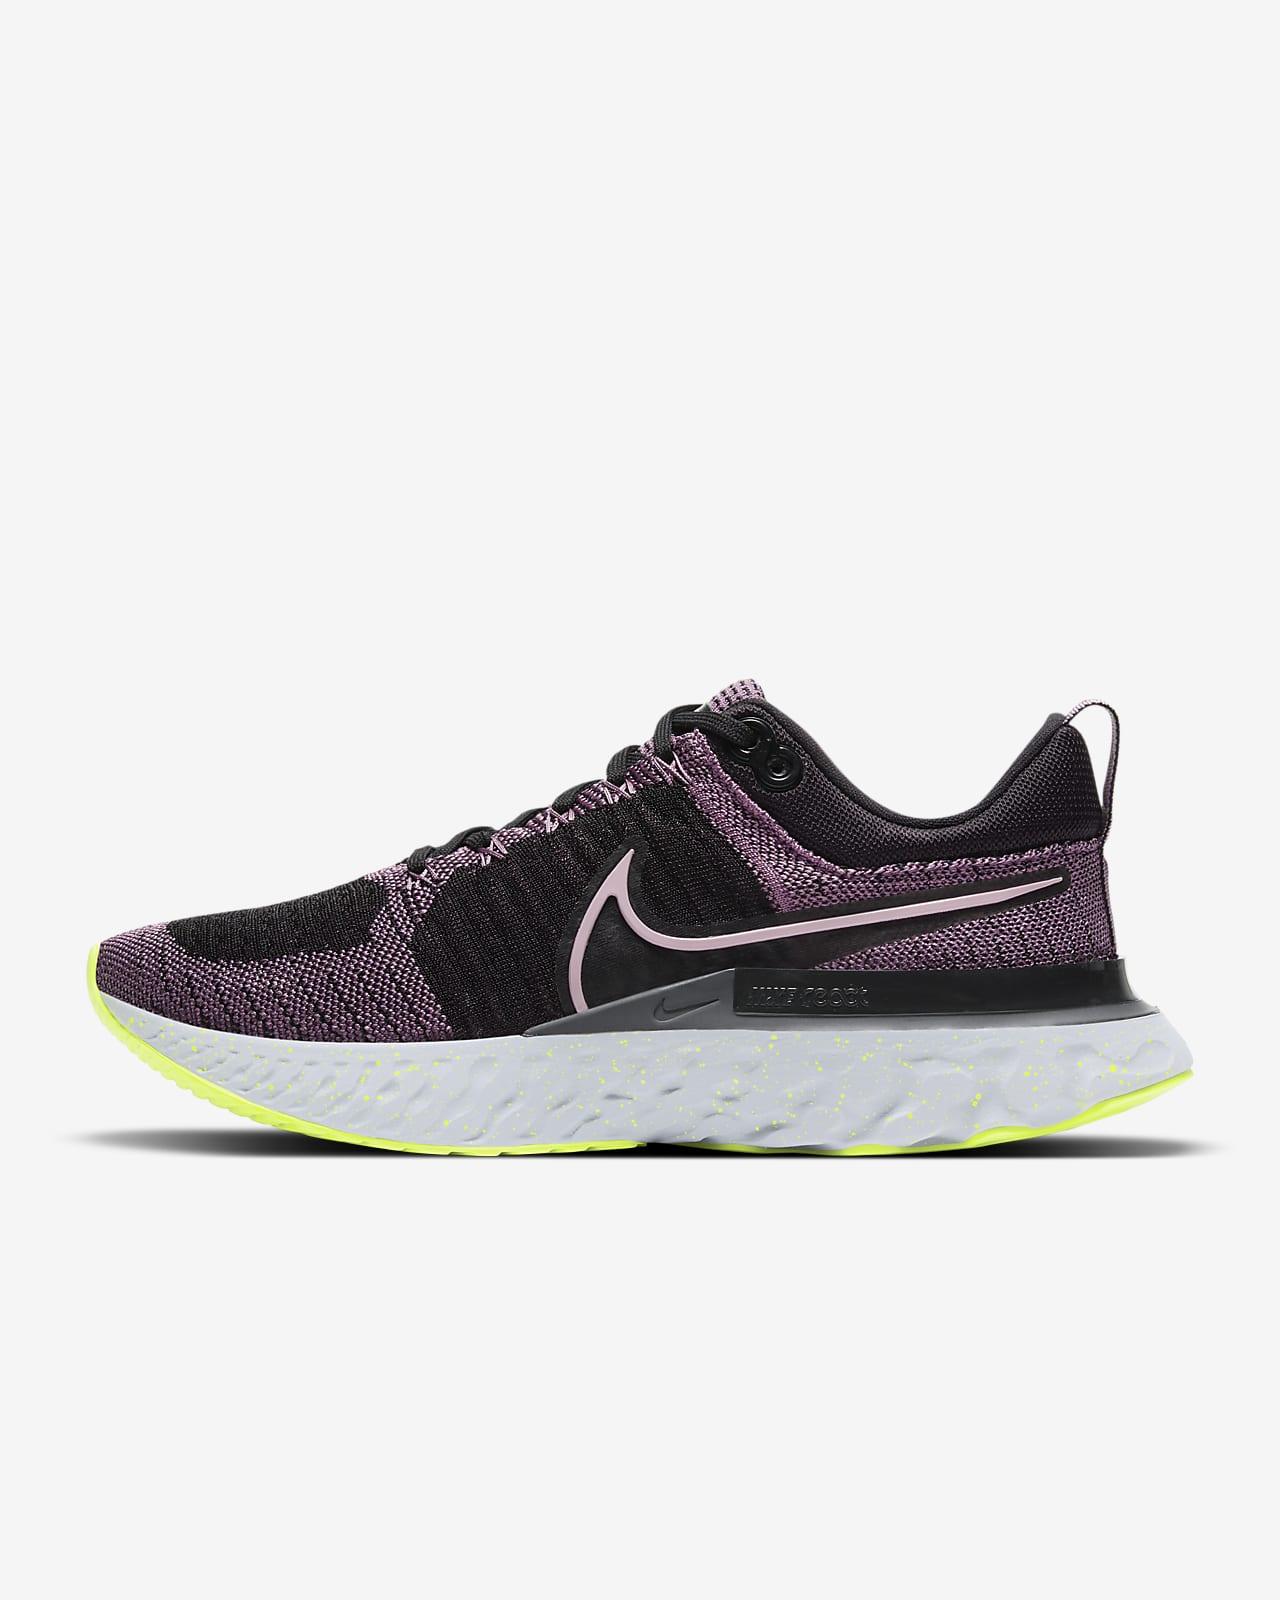 Nike React Infinity Run Flyknit 2 Women's Running Shoe